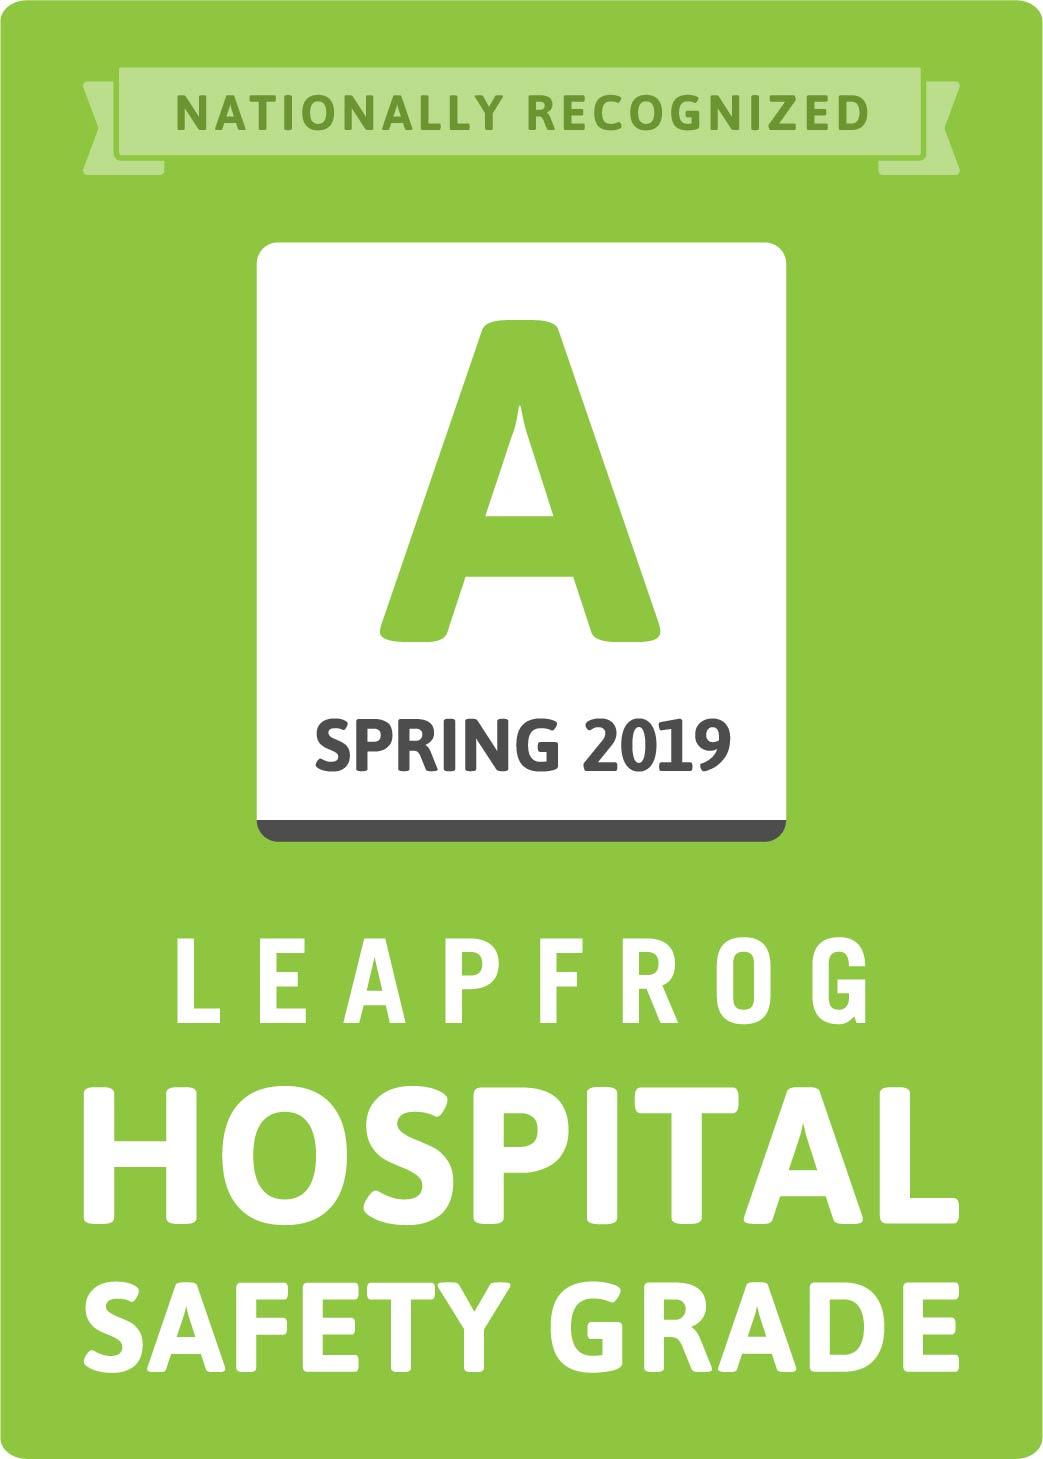 Leapfrog A Spring 2019